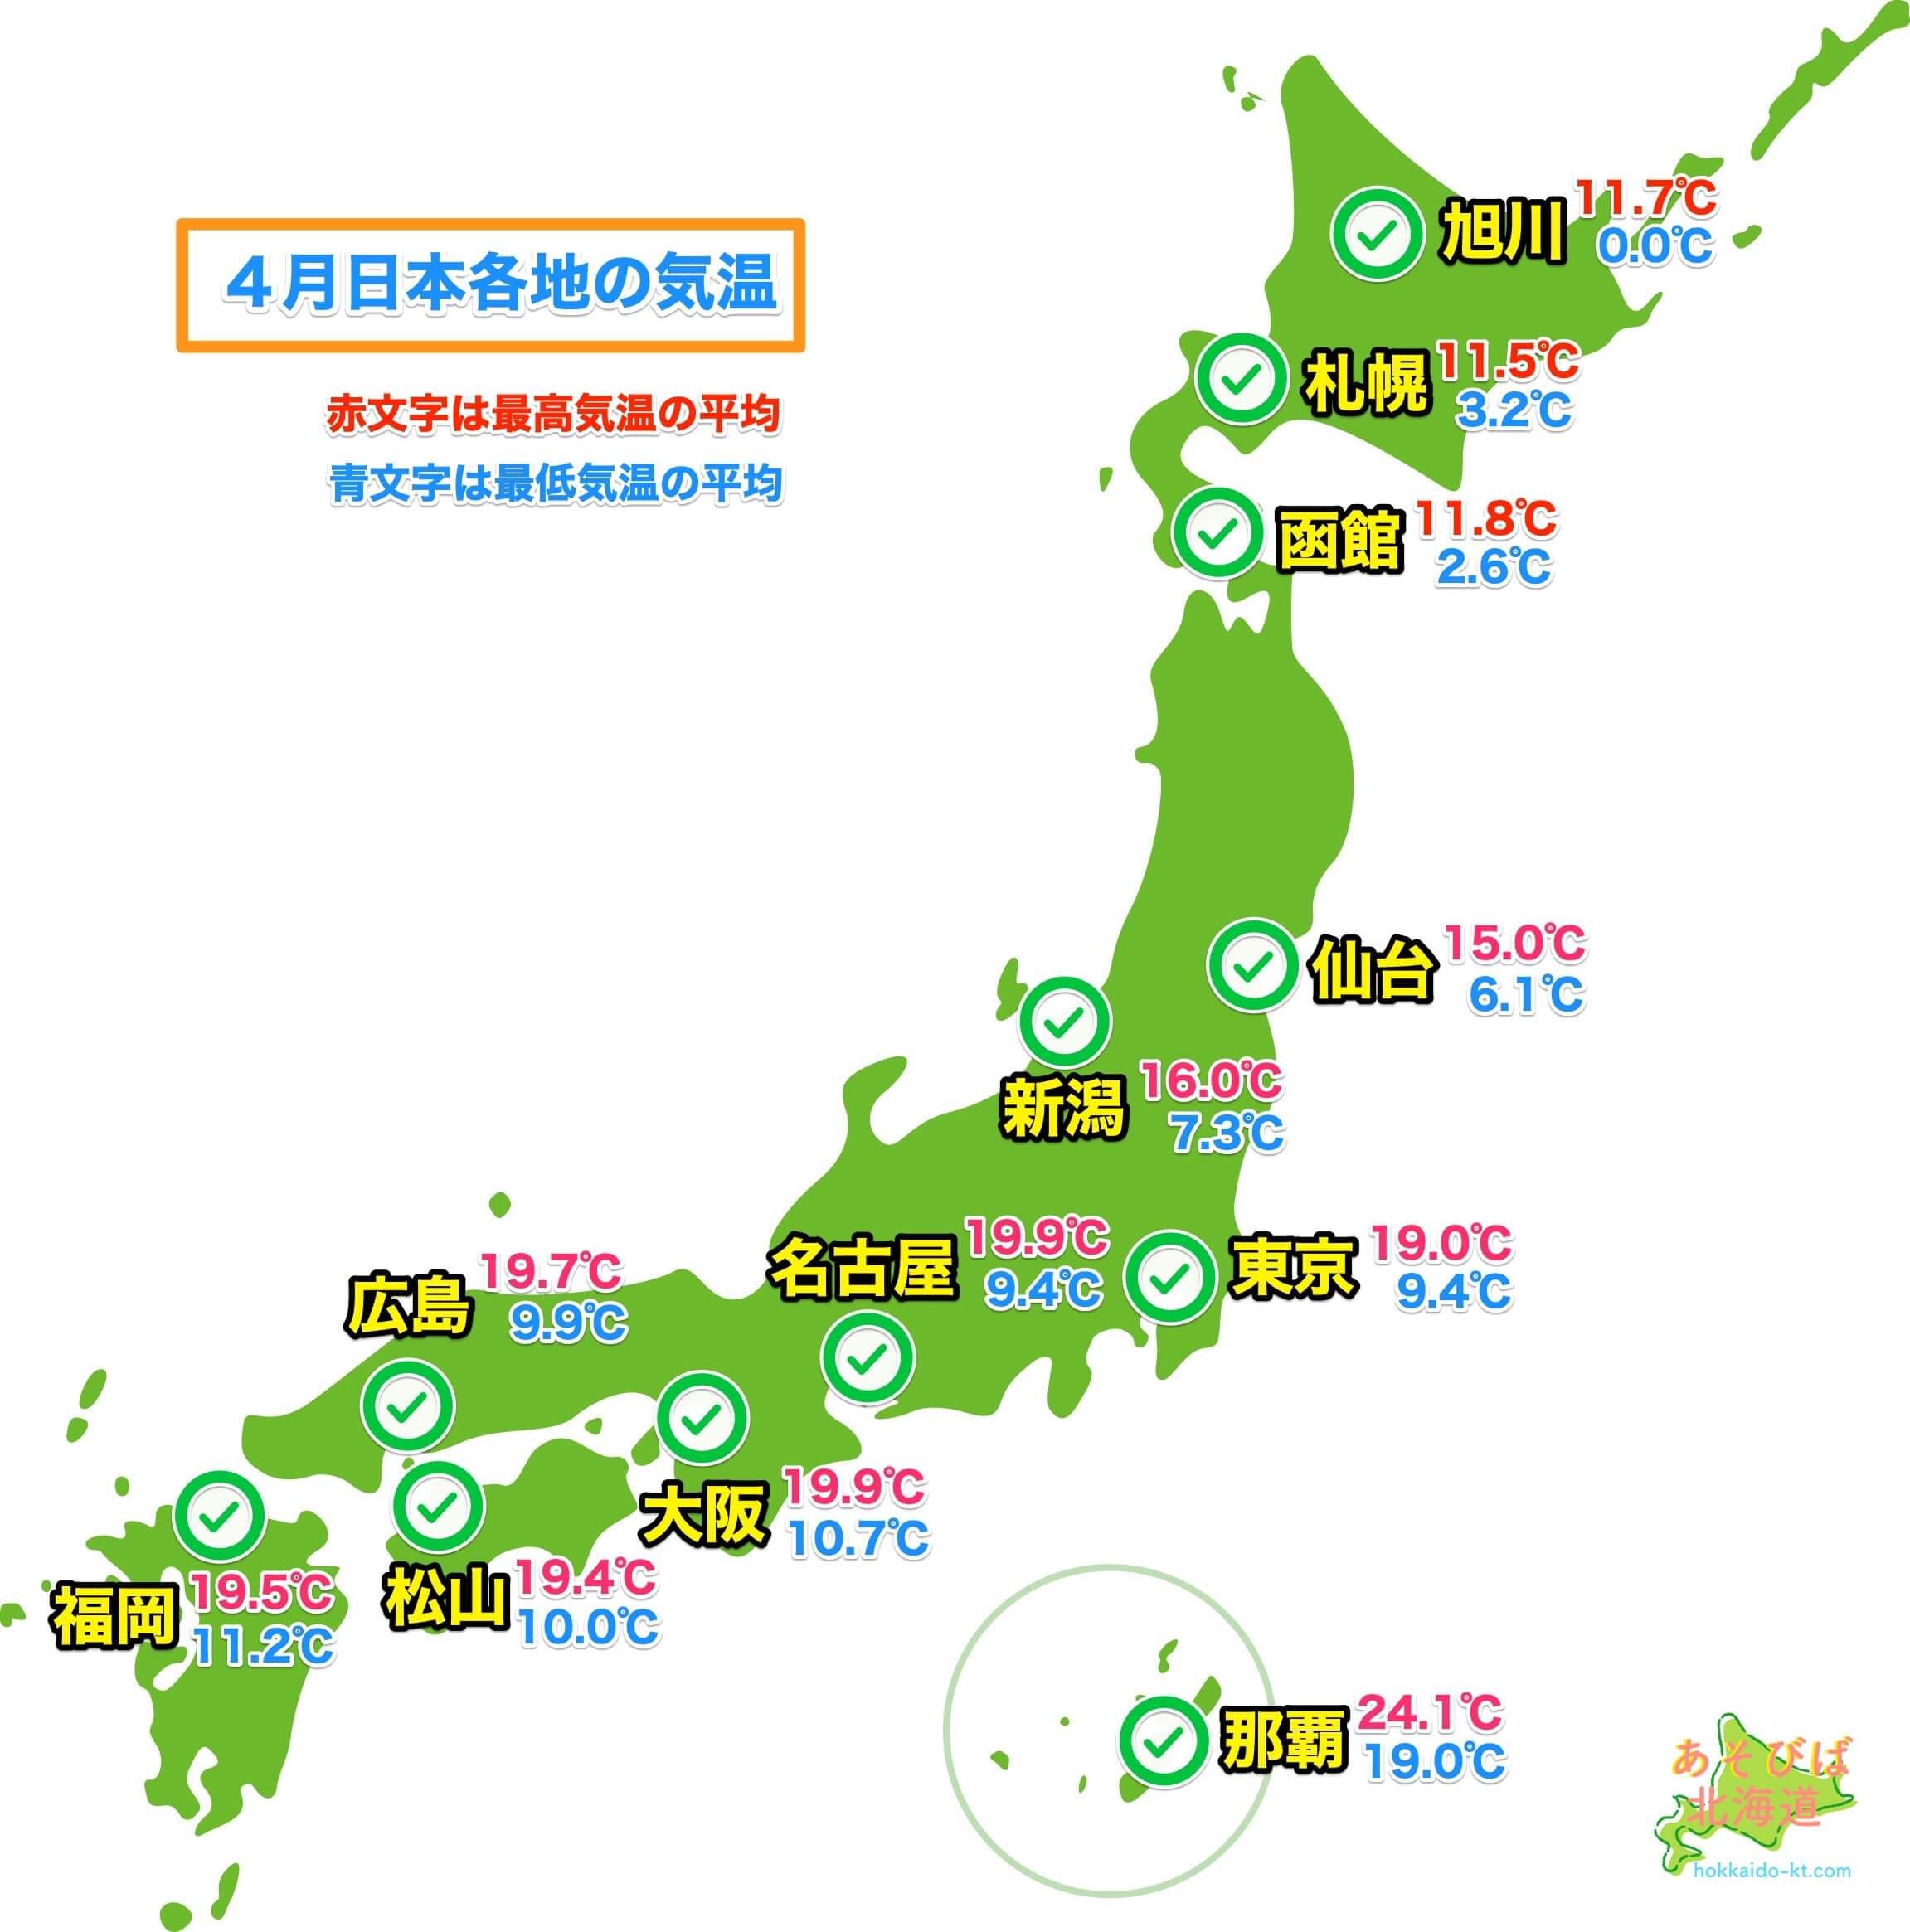 4月の日本各地の気温